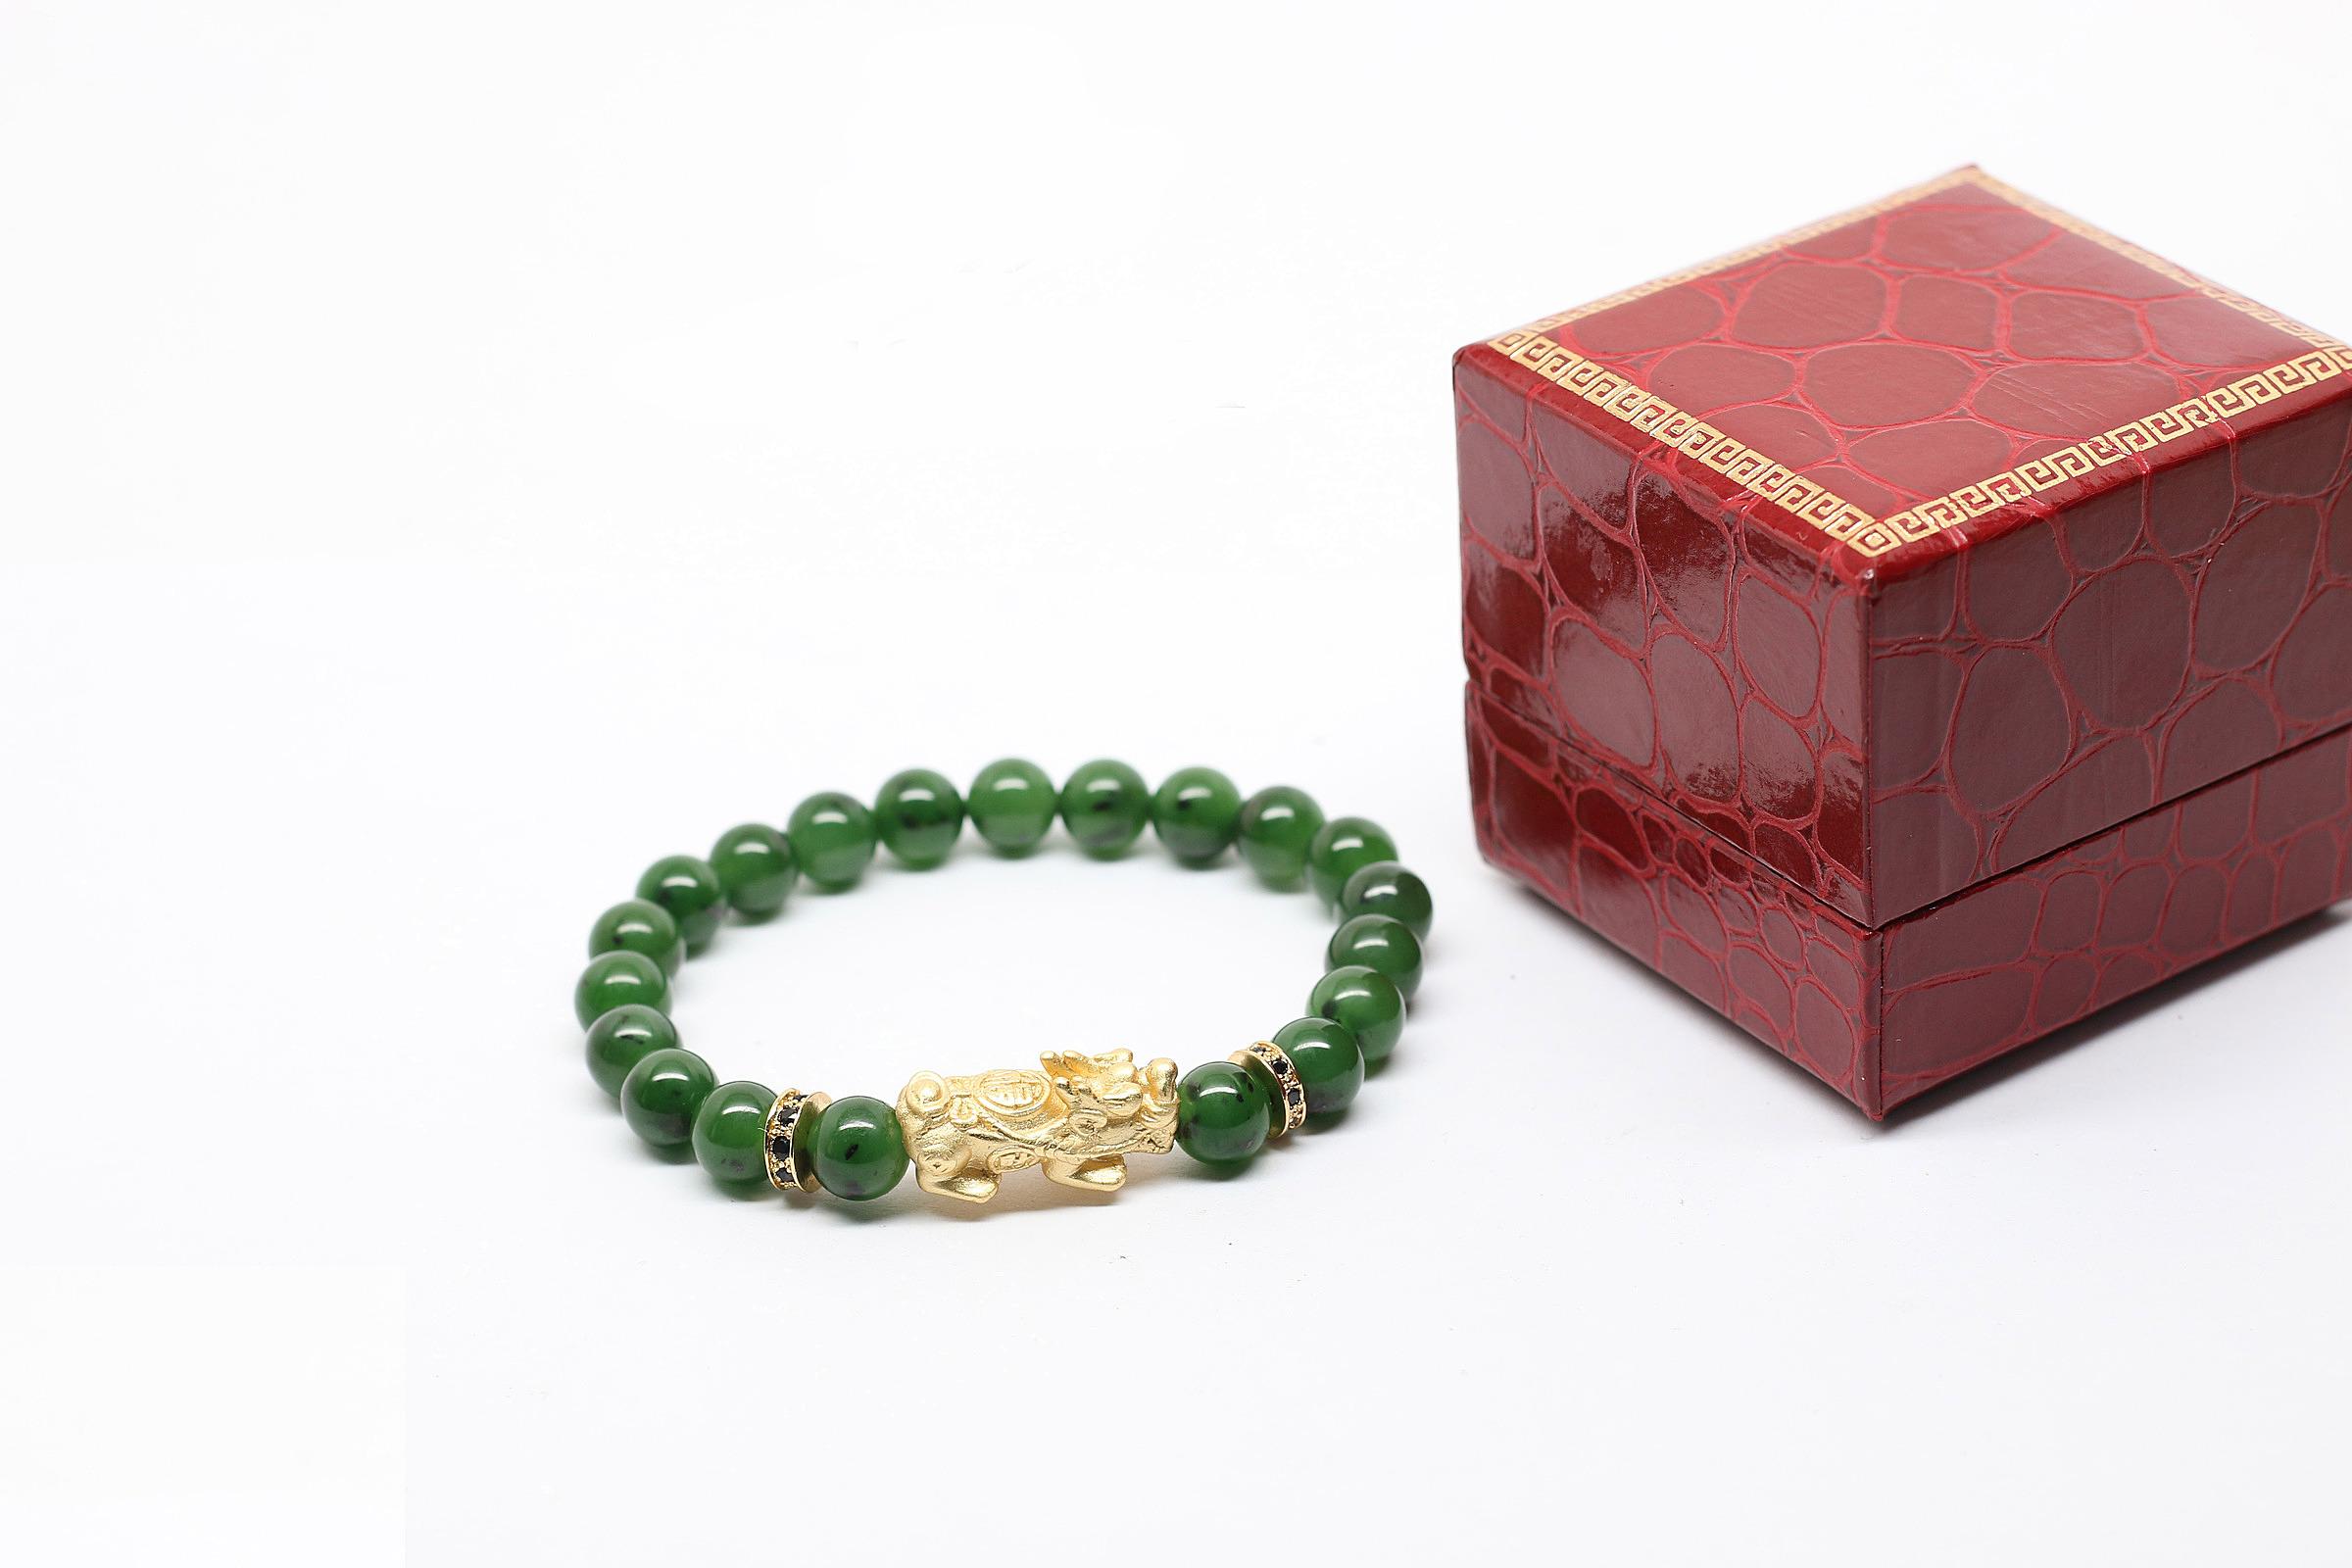 Vòng ngọc bích 8 mm mix tỳ hưu Ngọc Quý Gemstones giảm 36% còn 1,999 triệu đồng; chạm khắc bằng tay.